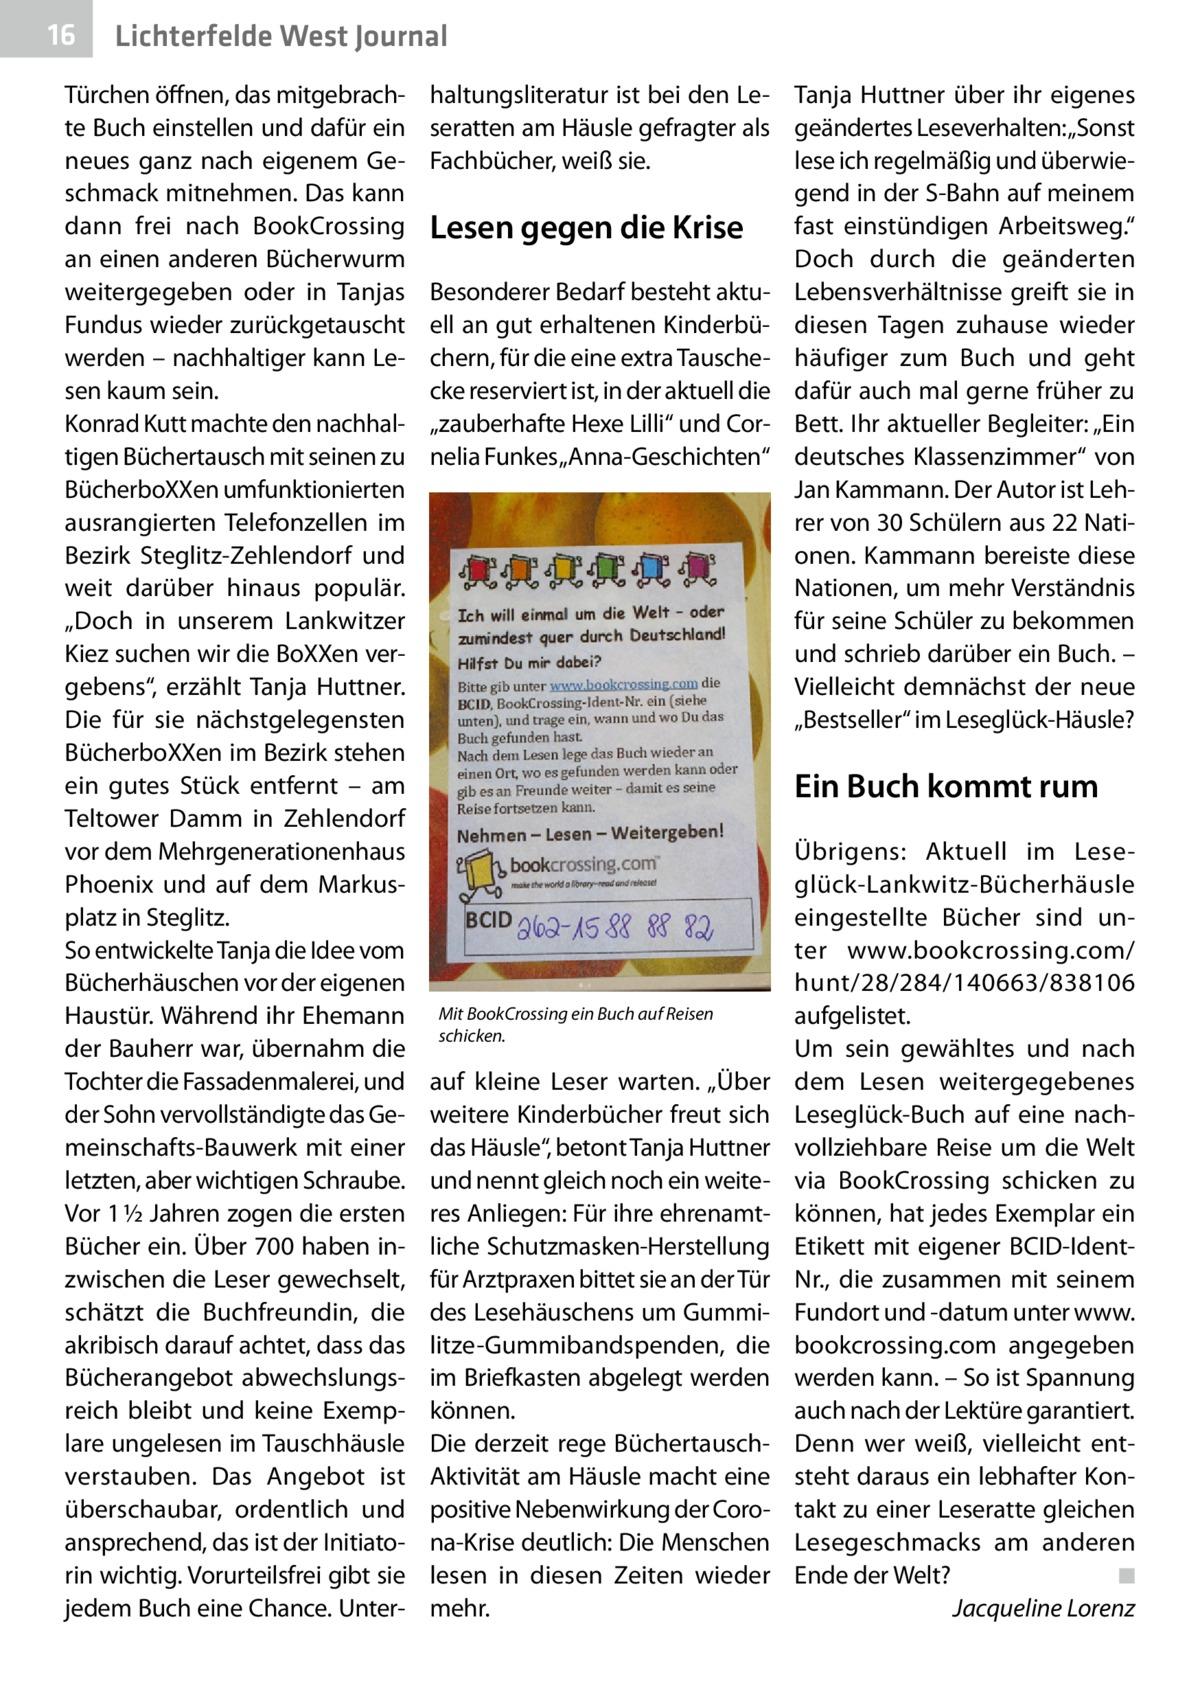 """16  Lichterfelde West Journal  Türchen öffnen, das mitgebrachte Buch einstellen und dafür ein neues ganz nach eigenem Geschmack mitnehmen. Das kann dann frei nach BookCrossing an einen anderen Bücherwurm weitergegeben oder in Tanjas Fundus wieder zurückgetauscht werden – nachhaltiger kann Lesen kaum sein. Konrad Kutt machte den nachhaltigen Büchertausch mit seinen zu BücherboXXen umfunktionierten ausrangierten Telefonzellen im Bezirk Steglitz-Zehlendorf und weit darüber hinaus populär. """"Doch in unserem Lankwitzer Kiez suchen wir die BoXXen vergebens"""", erzählt Tanja Huttner. Die für sie nächstgelegensten BücherboXXen im Bezirk stehen ein gutes Stück entfernt – am Teltower Damm in Zehlendorf vor dem Mehrgenerationenhaus Phoenix und auf dem Markusplatz in Steglitz. So entwickelte Tanja die Idee vom Bücherhäuschen vor der eigenen Haustür. Während ihr Ehemann der Bauherr war, übernahm die Tochter die Fassadenmalerei, und der Sohn vervollständigte das Gemeinschafts-Bauwerk mit einer letzten, aber wichtigen Schraube. Vor 1½ Jahren zogen die ersten Bücher ein. Über 700 haben inzwischen die Leser gewechselt, schätzt die Buchfreundin, die akribisch darauf achtet, dass das Bücherangebot abwechslungsreich bleibt und keine Exemplare ungelesen im Tauschhäusle verstauben. Das Angebot ist überschaubar, ordentlich und ansprechend, das ist der Initiatorin wichtig. Vorurteilsfrei gibt sie jedem Buch eine Chance. Unter haltungsliteratur ist bei den Le- Tanja Huttner über ihr eigenes seratten am Häusle gefragter als geändertes Leseverhalten: """"Sonst lese ich regelmäßig und überwieFachbücher, weiß sie. gend in der S-Bahn auf meinem Lesen gegen die Krise fast einstündigen Arbeitsweg."""" Doch durch die geänderten Besonderer Bedarf besteht aktu- Lebensverhältnisse greift sie in ell an gut erhaltenen Kinderbü- diesen Tagen zuhause wieder chern, für die eine extra Tausche- häufiger zum Buch und geht cke reserviert ist, in der aktuell die dafür auch mal gerne früher zu """"zauberhafte Hexe Lilli"""" un"""